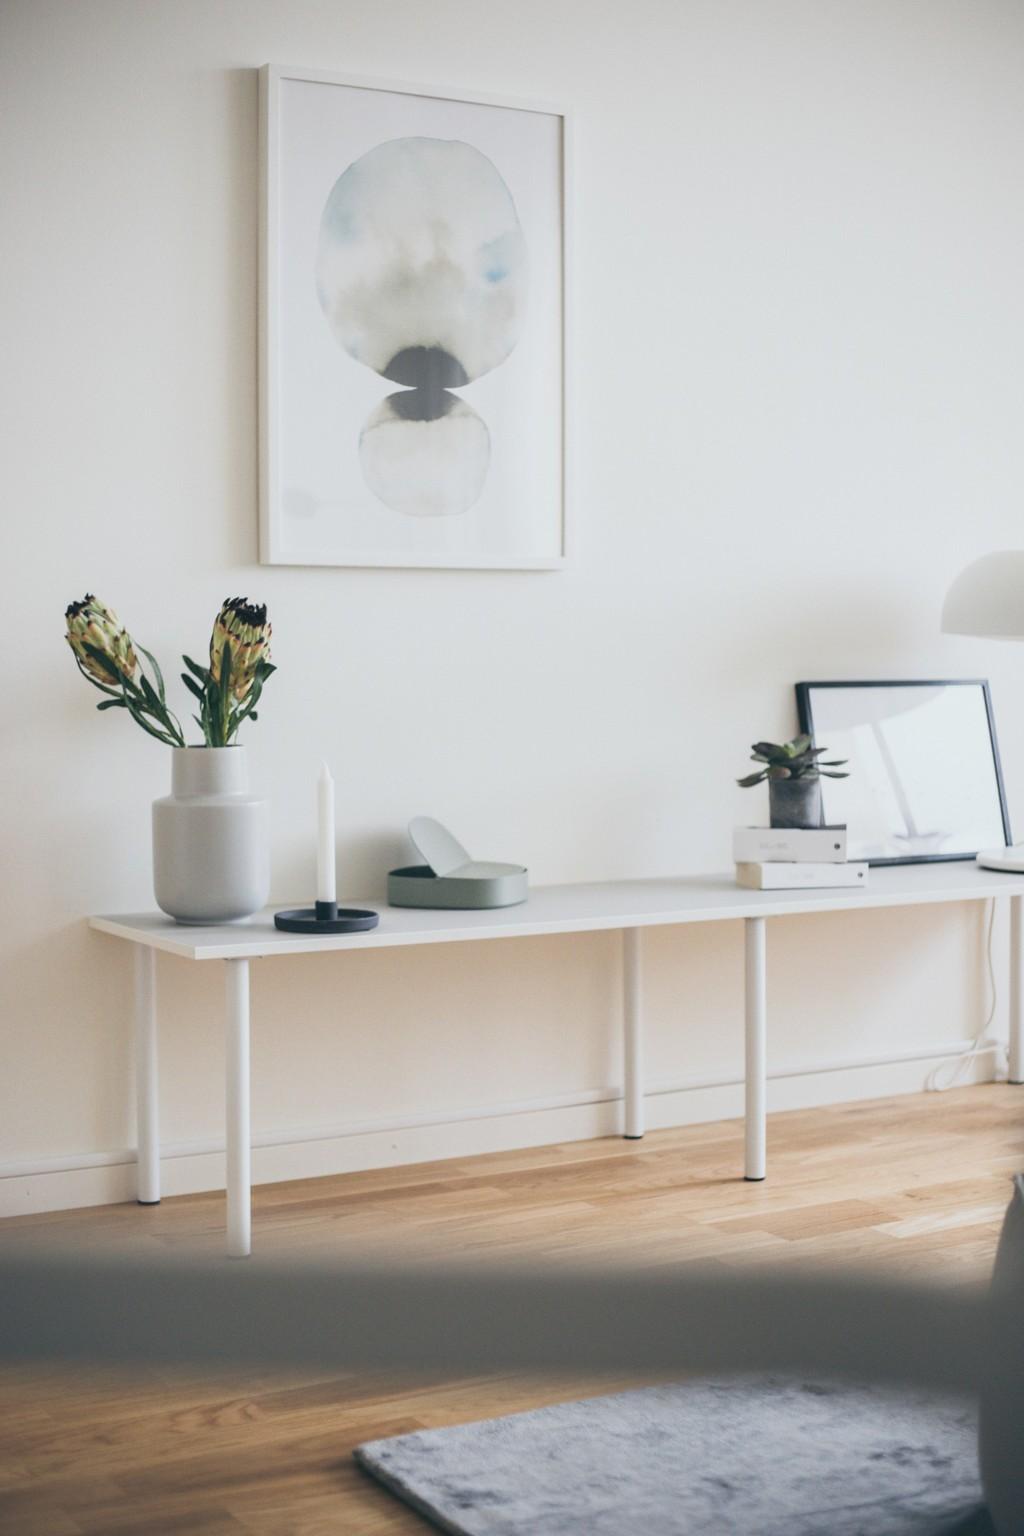 vitt sidobord med vit vas, stearinljus, ljusgrön ask, två böcker och en mindre växt